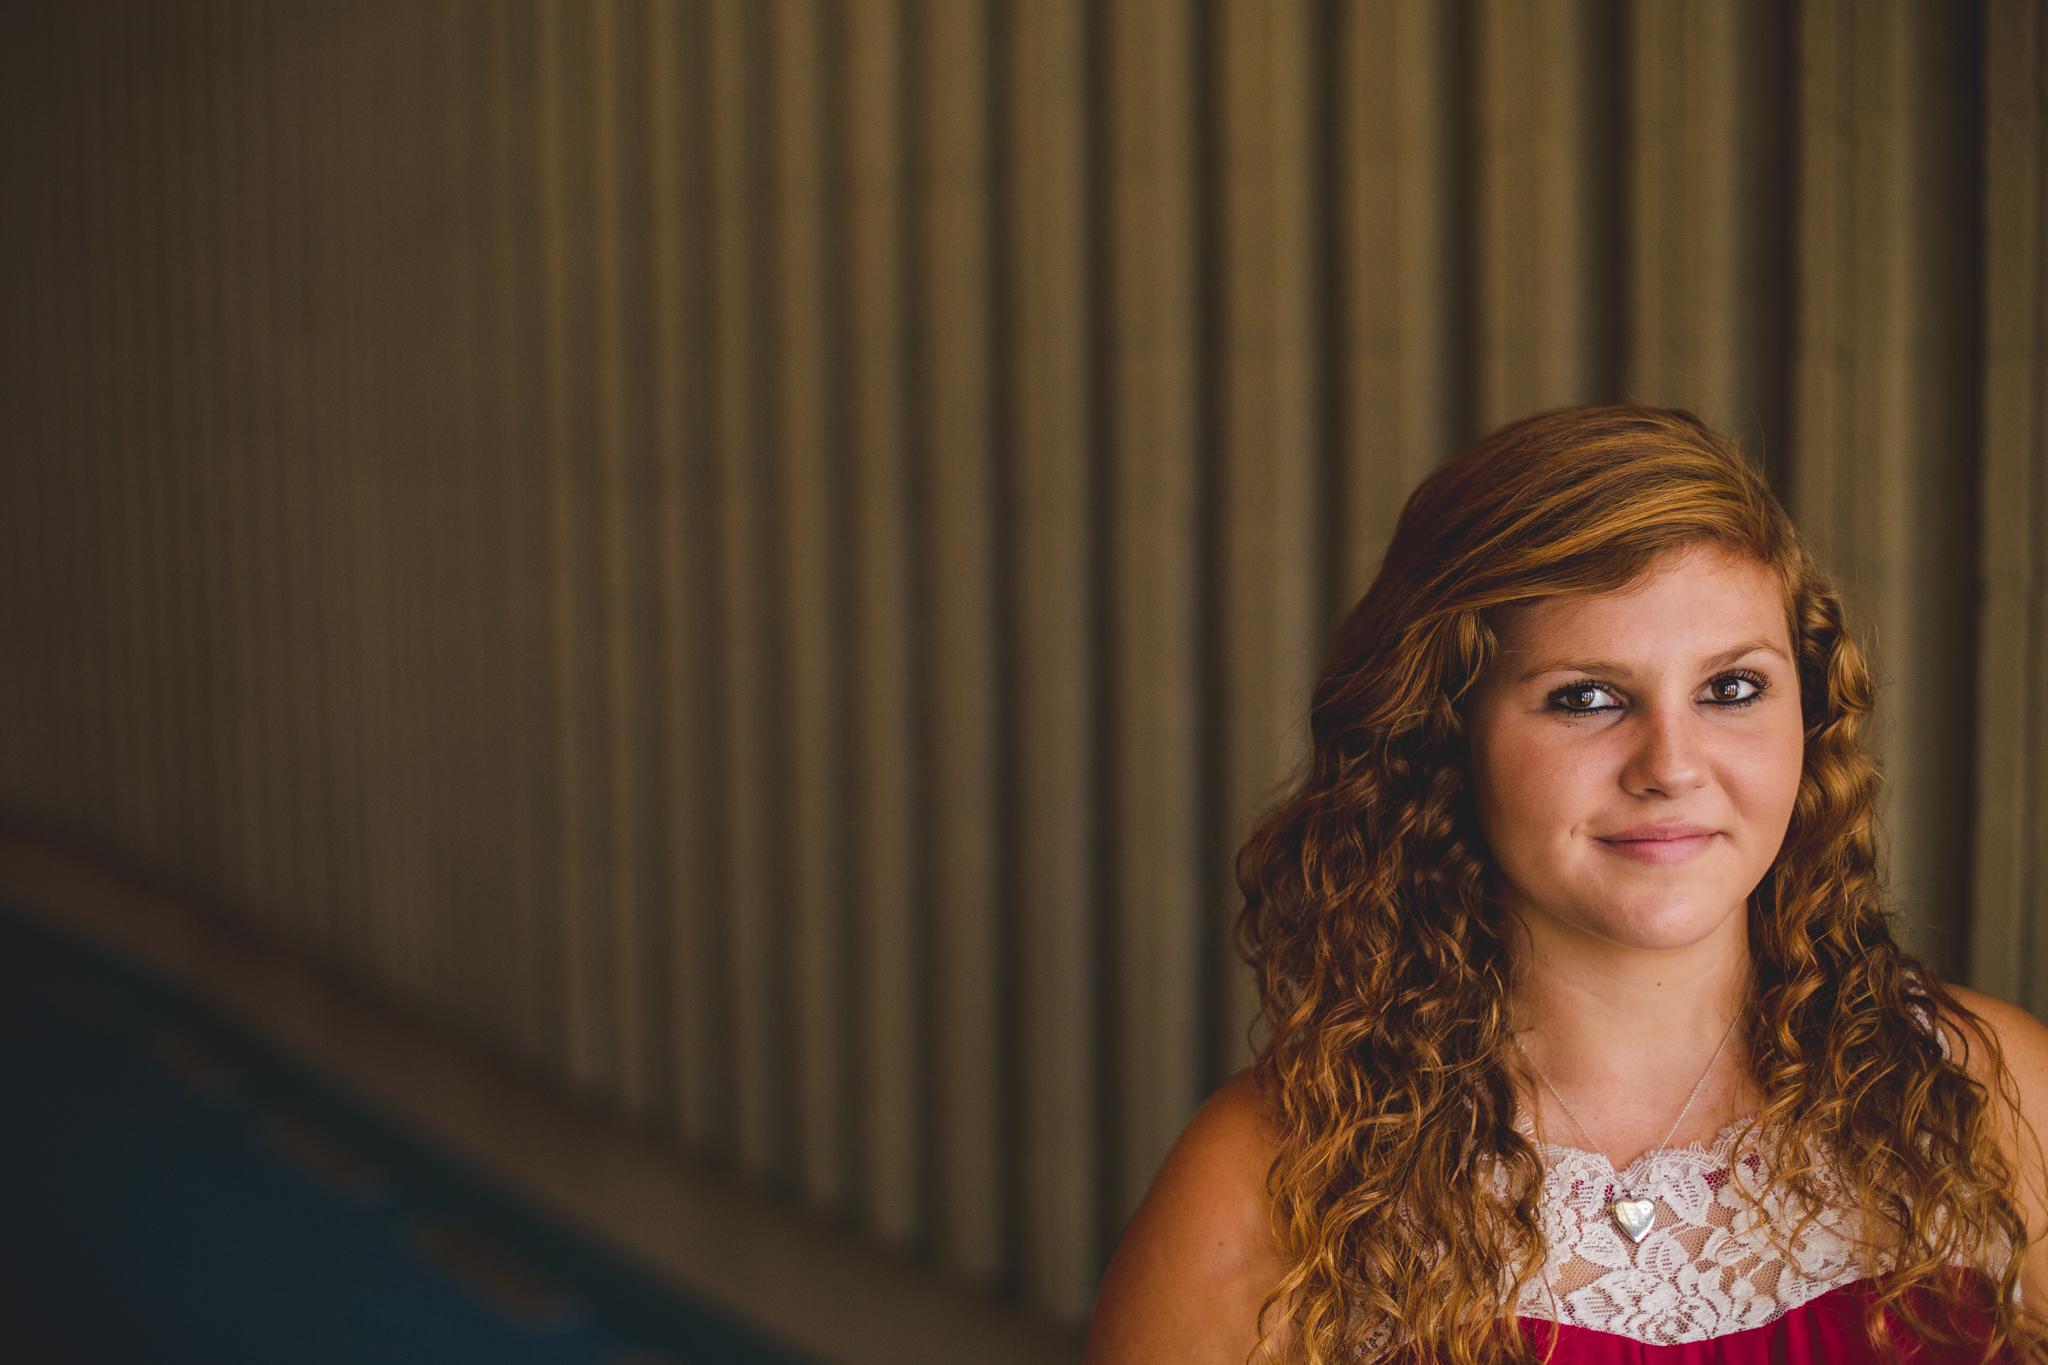 Phoenix Senior Photo Window Light Marissa